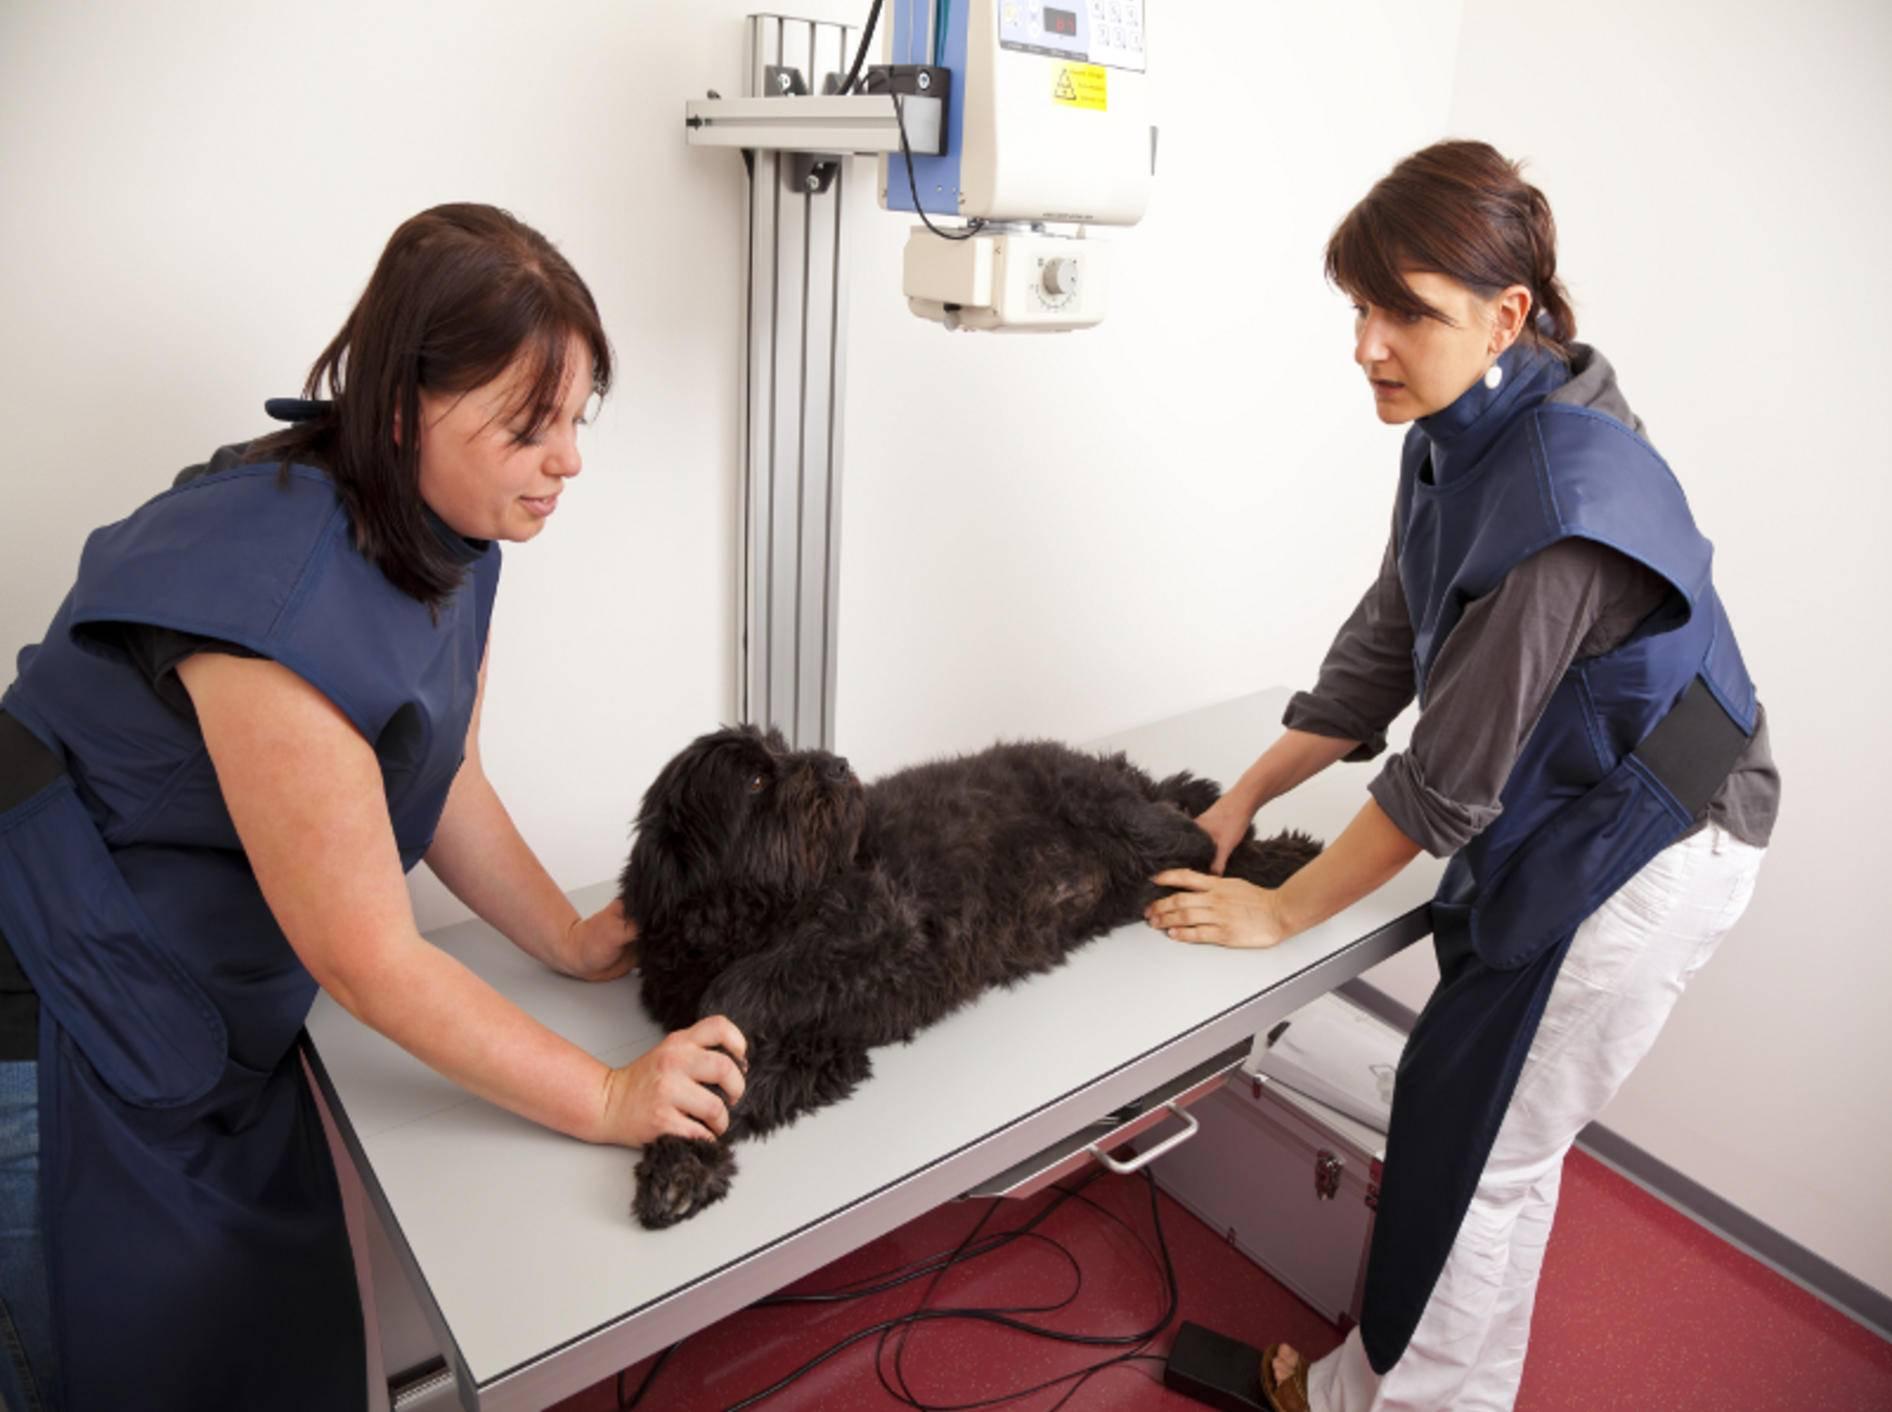 Kein Hund lässt sich gerne röntgen – doch was muss, muss – Shutterstock / foto ARts